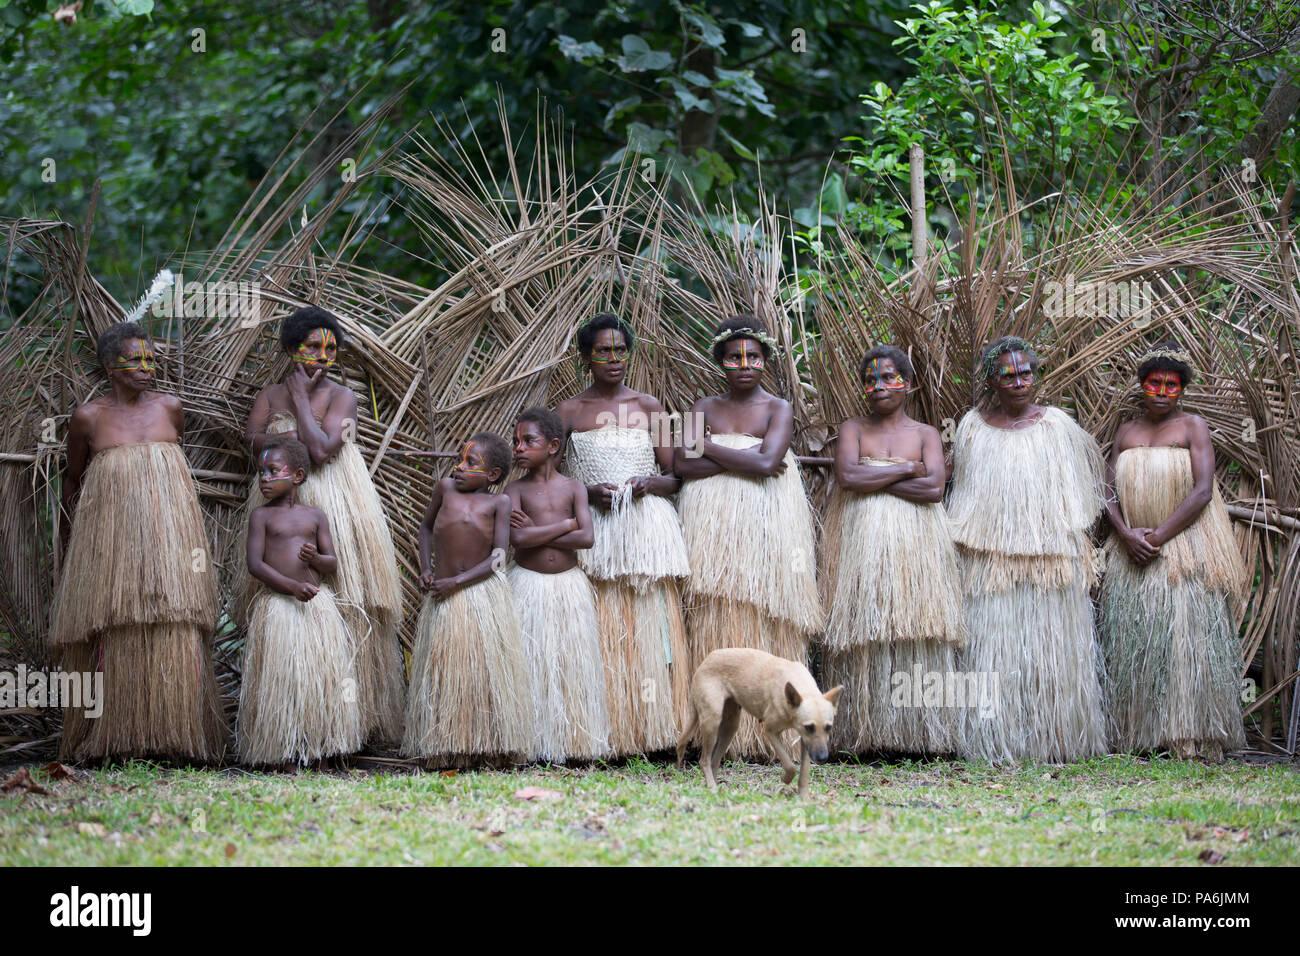 La gente del posto nei costumi tradizionali, Tanna, Vanuatu Immagini Stock